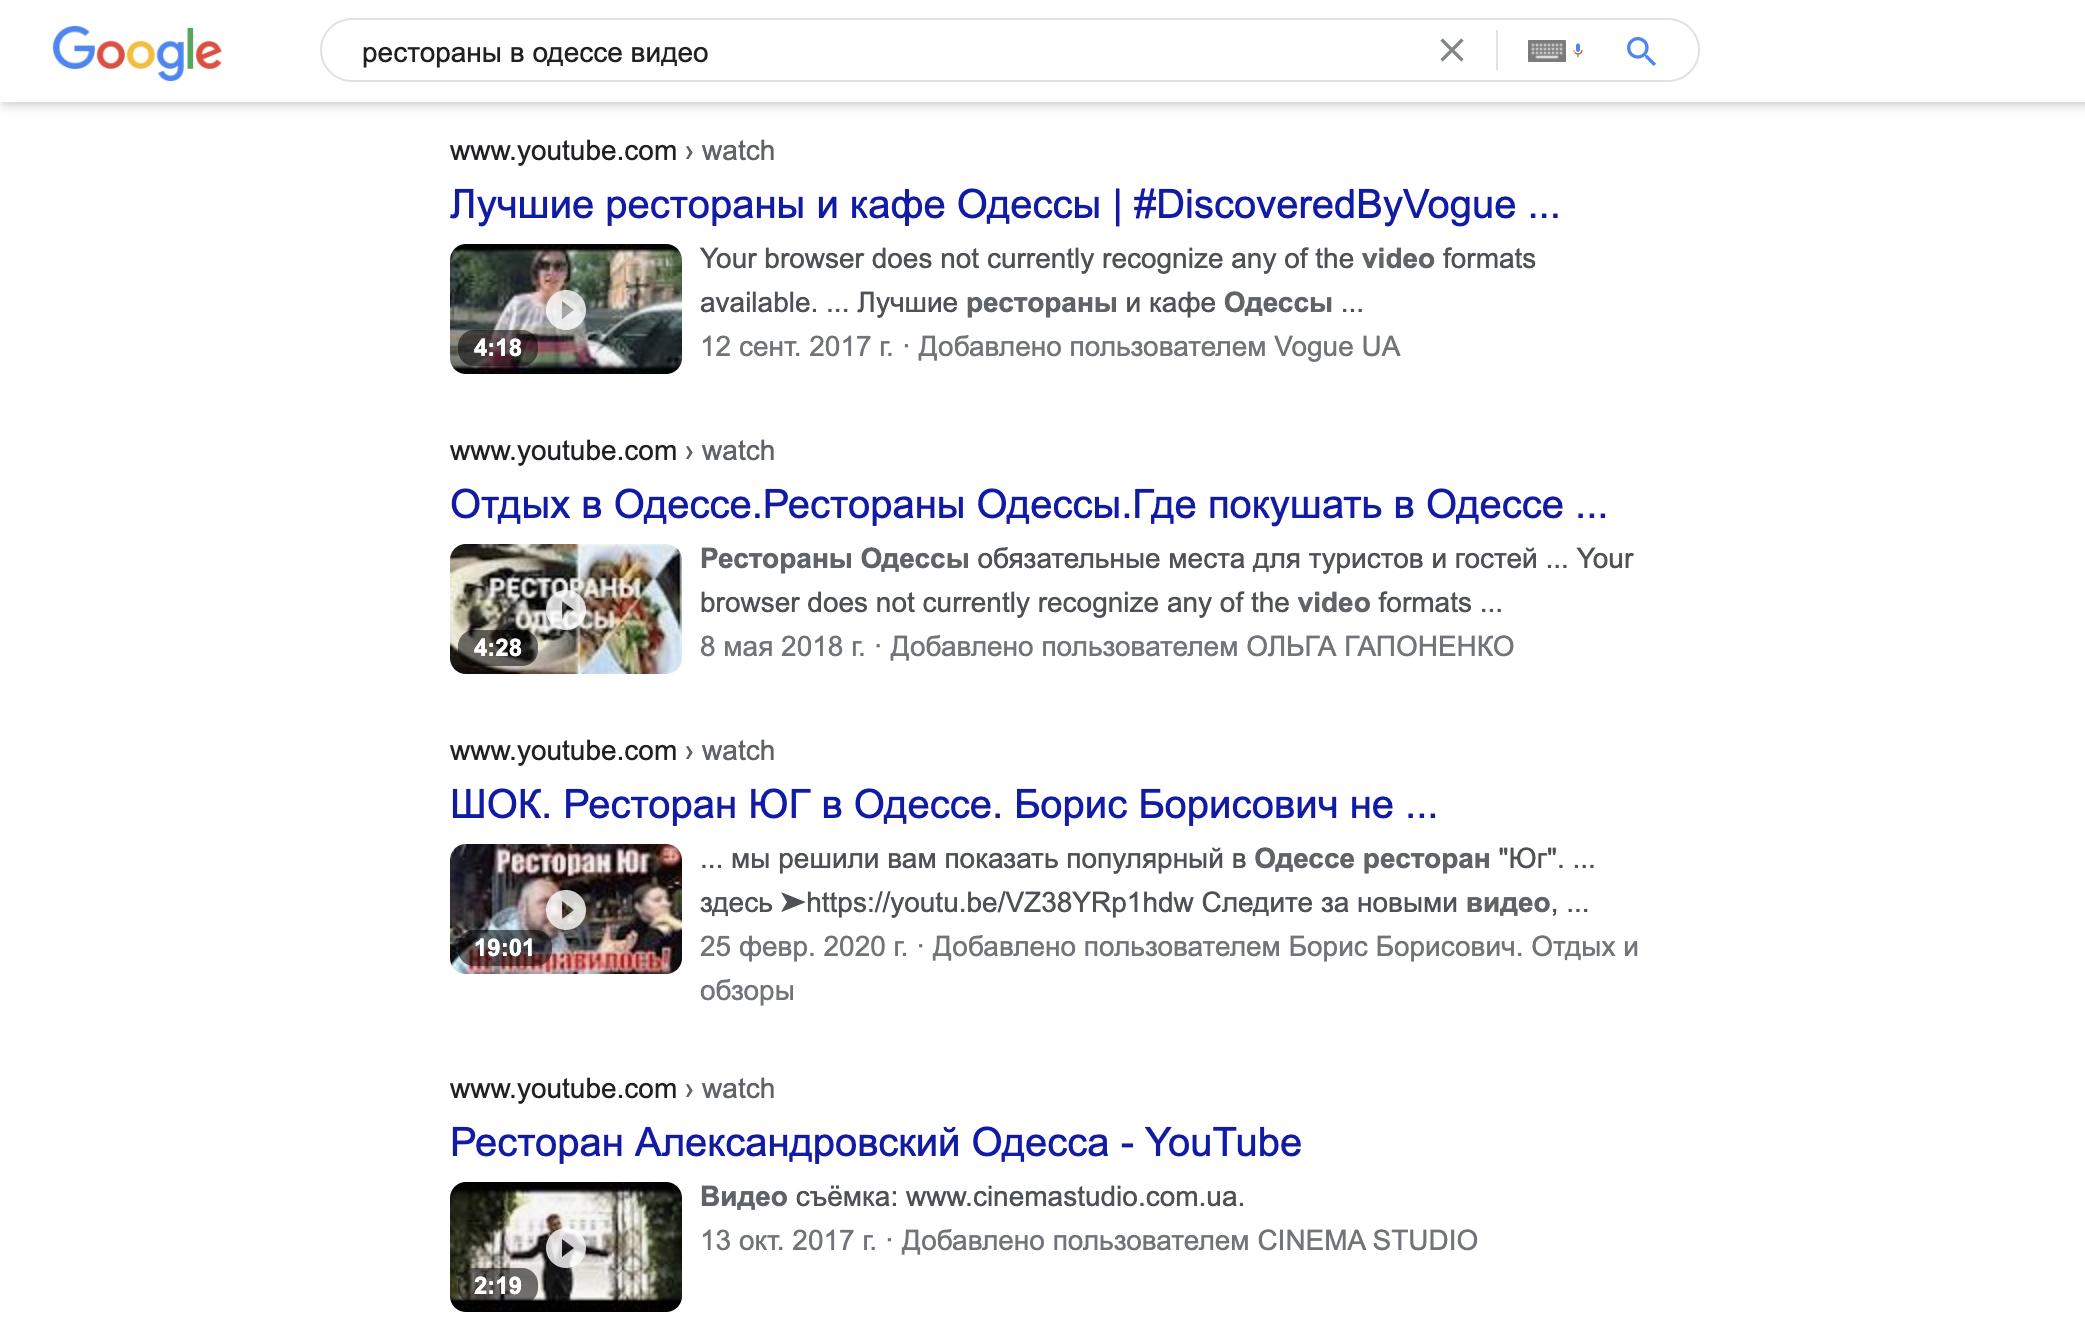 Из года в год люди настраиваются на все больше видеоконтента, и алгоритм Google развивается соответственно.